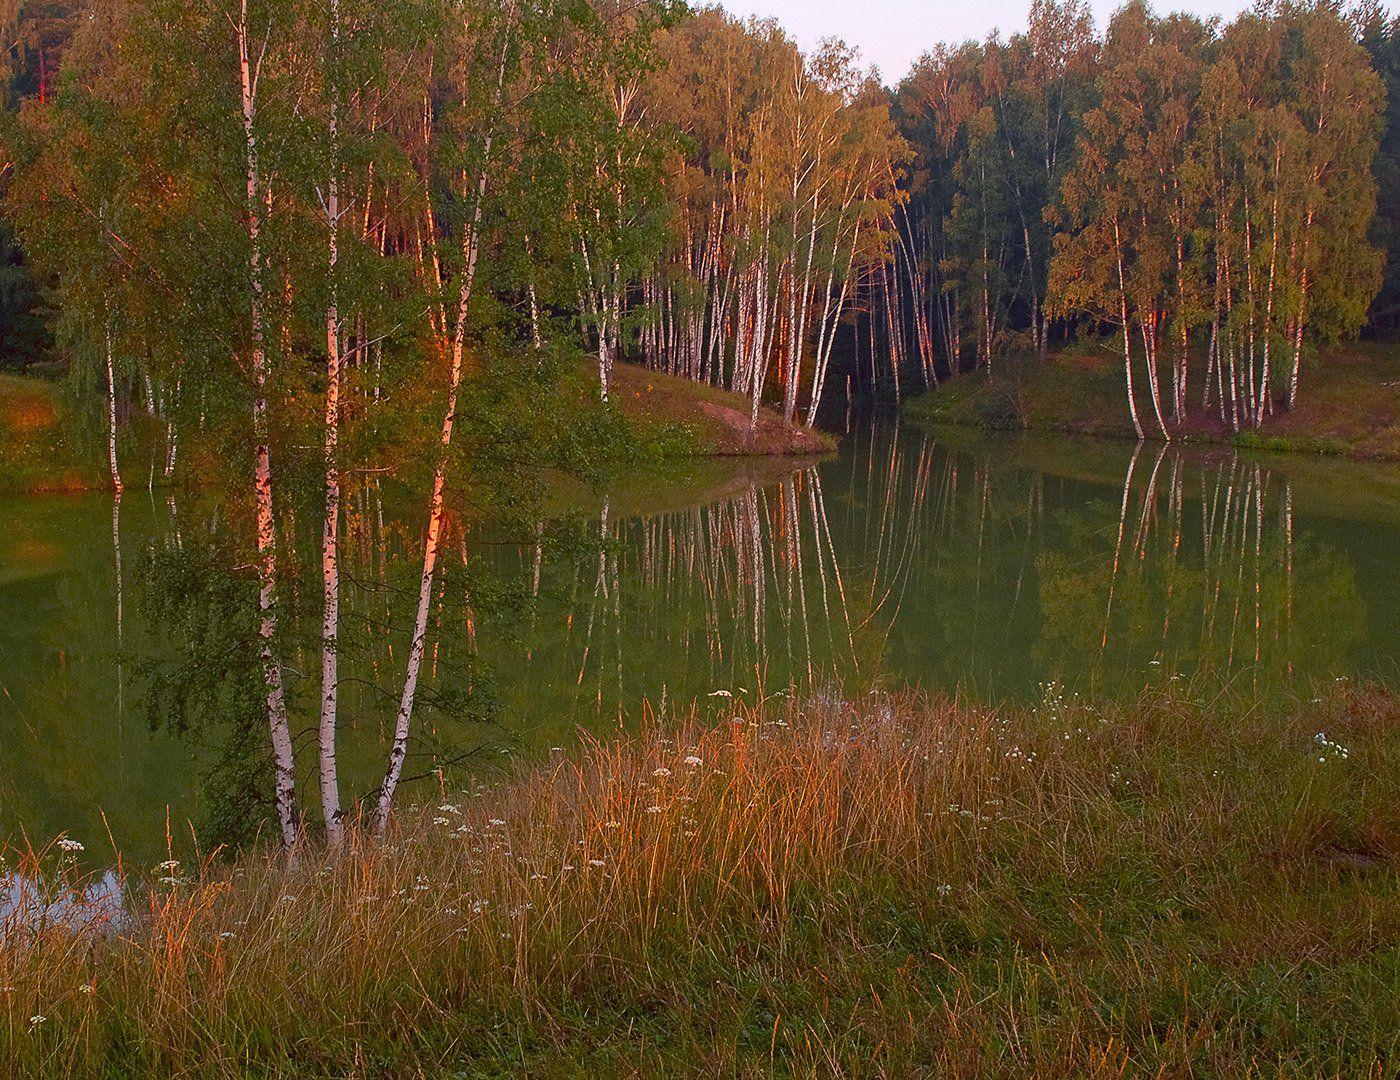 Березы, Пруд, Средняя полоса, Утро, Владимир Рябков